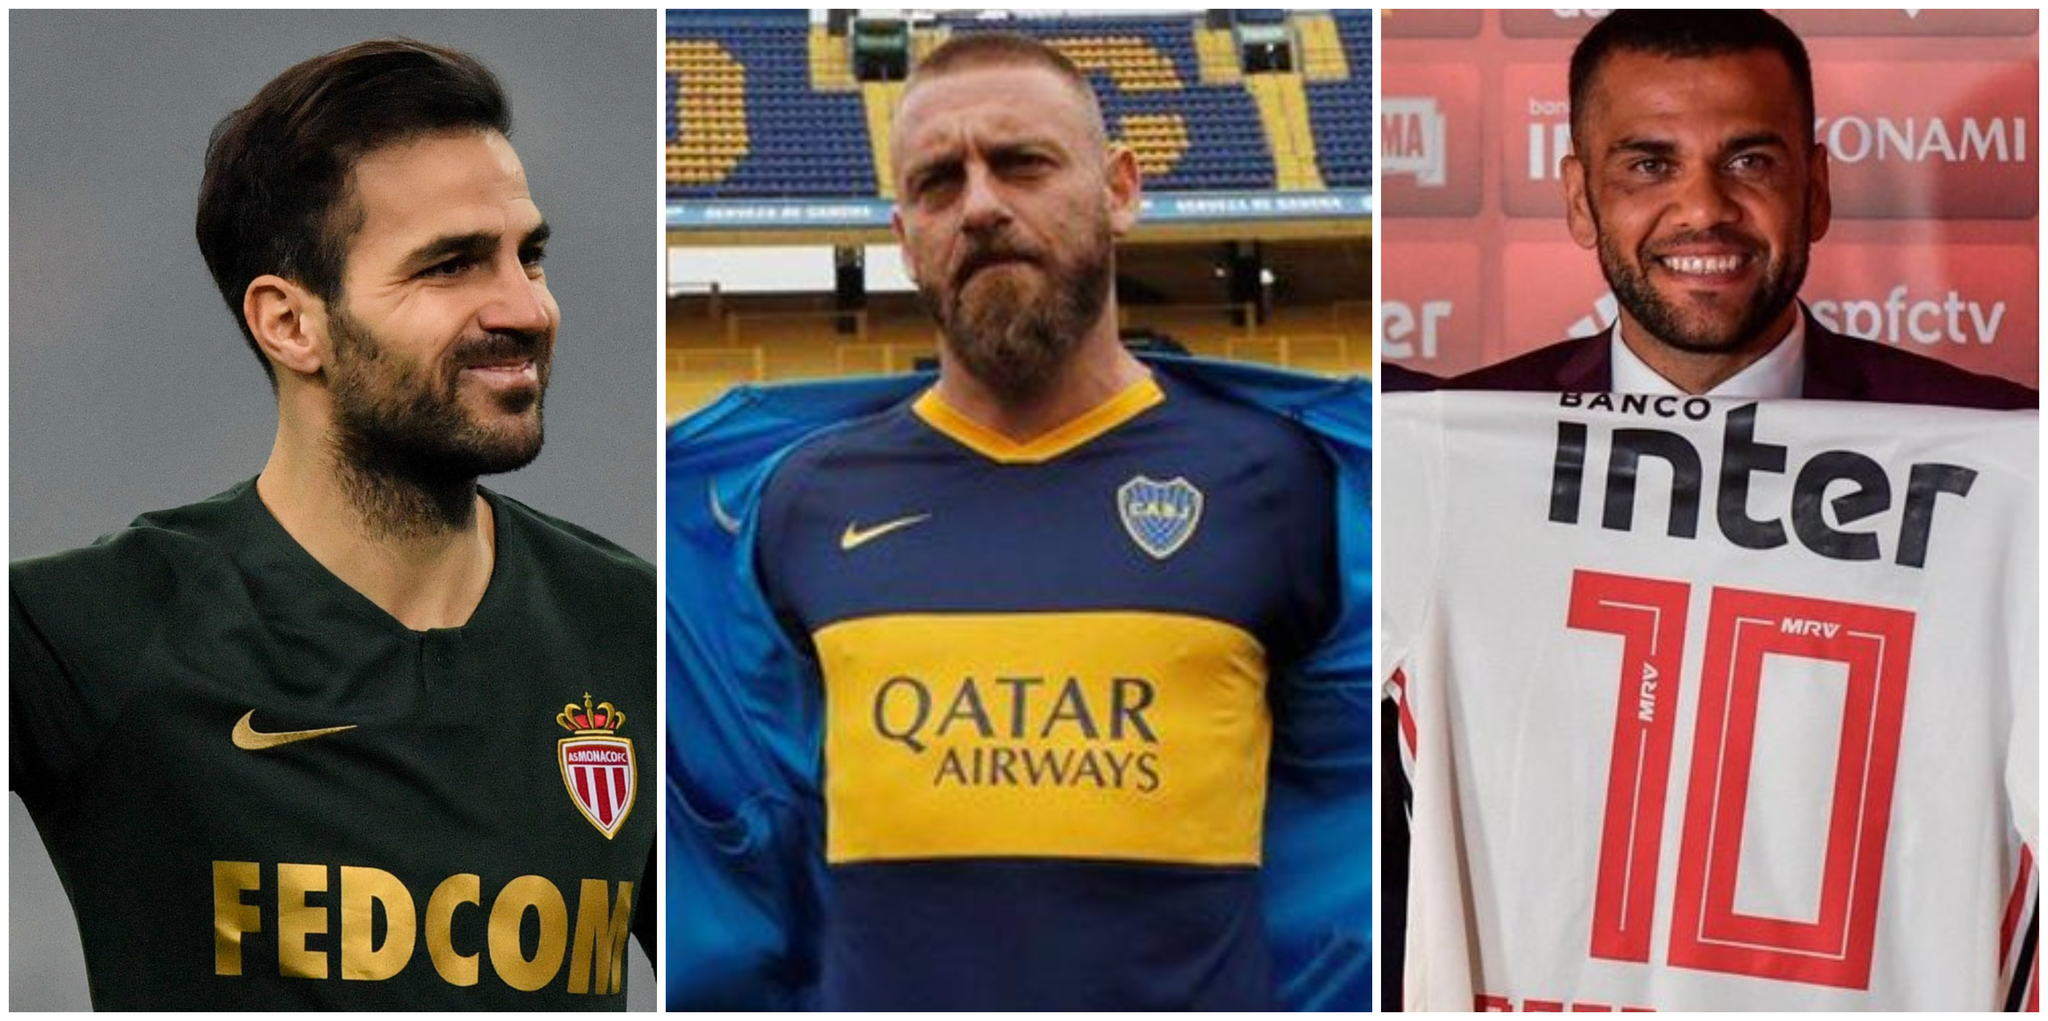 El español reveló que jugaría en Sudamérica.